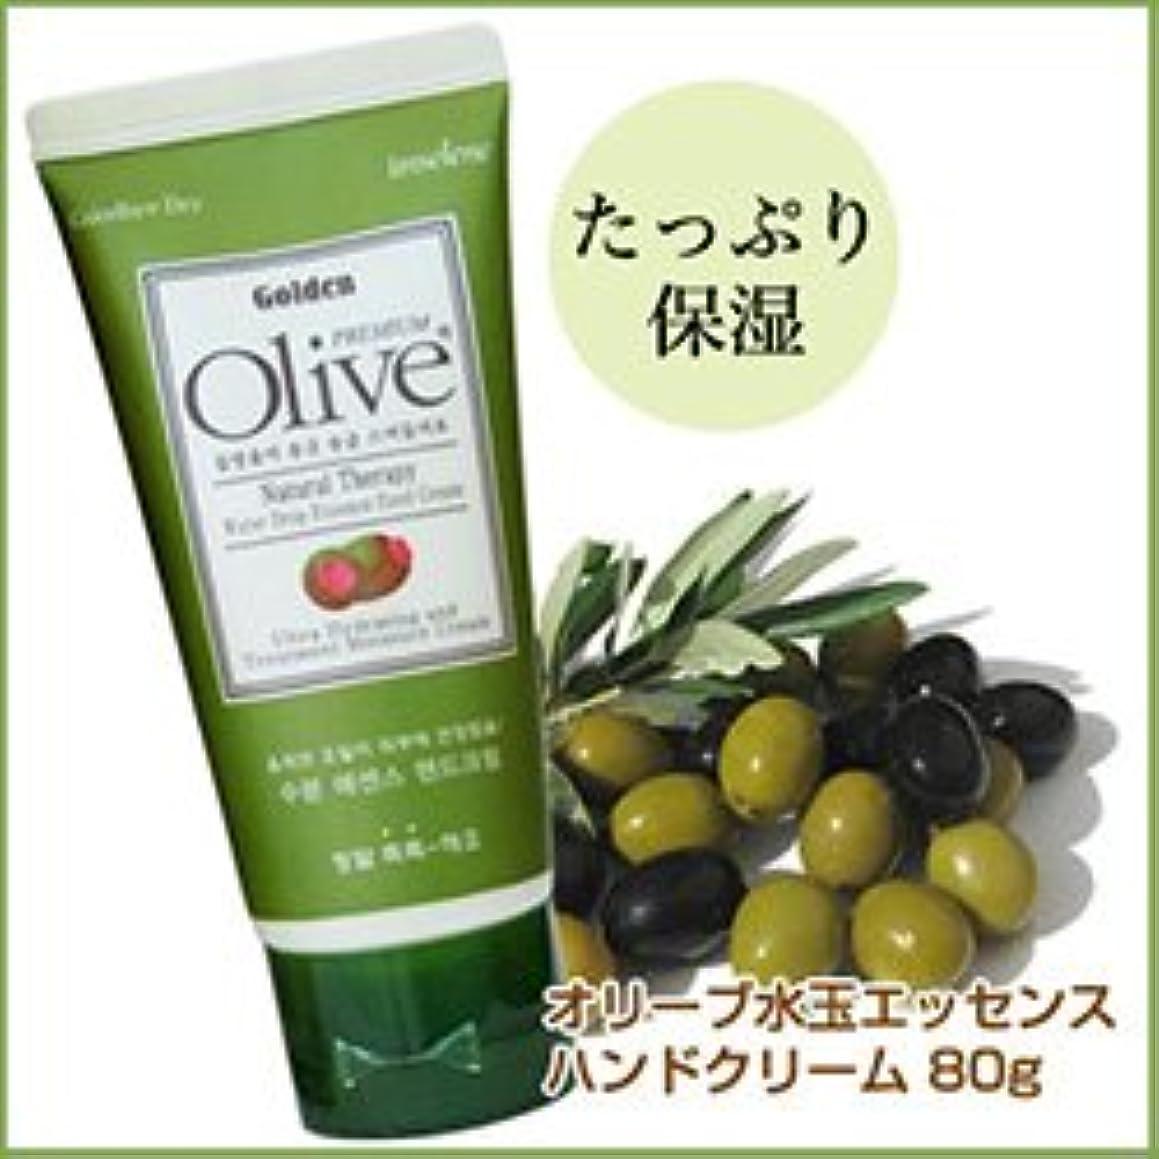 飾る配列信念【韓国コスメ】天然オリーブオイル ハンドクリーム80g